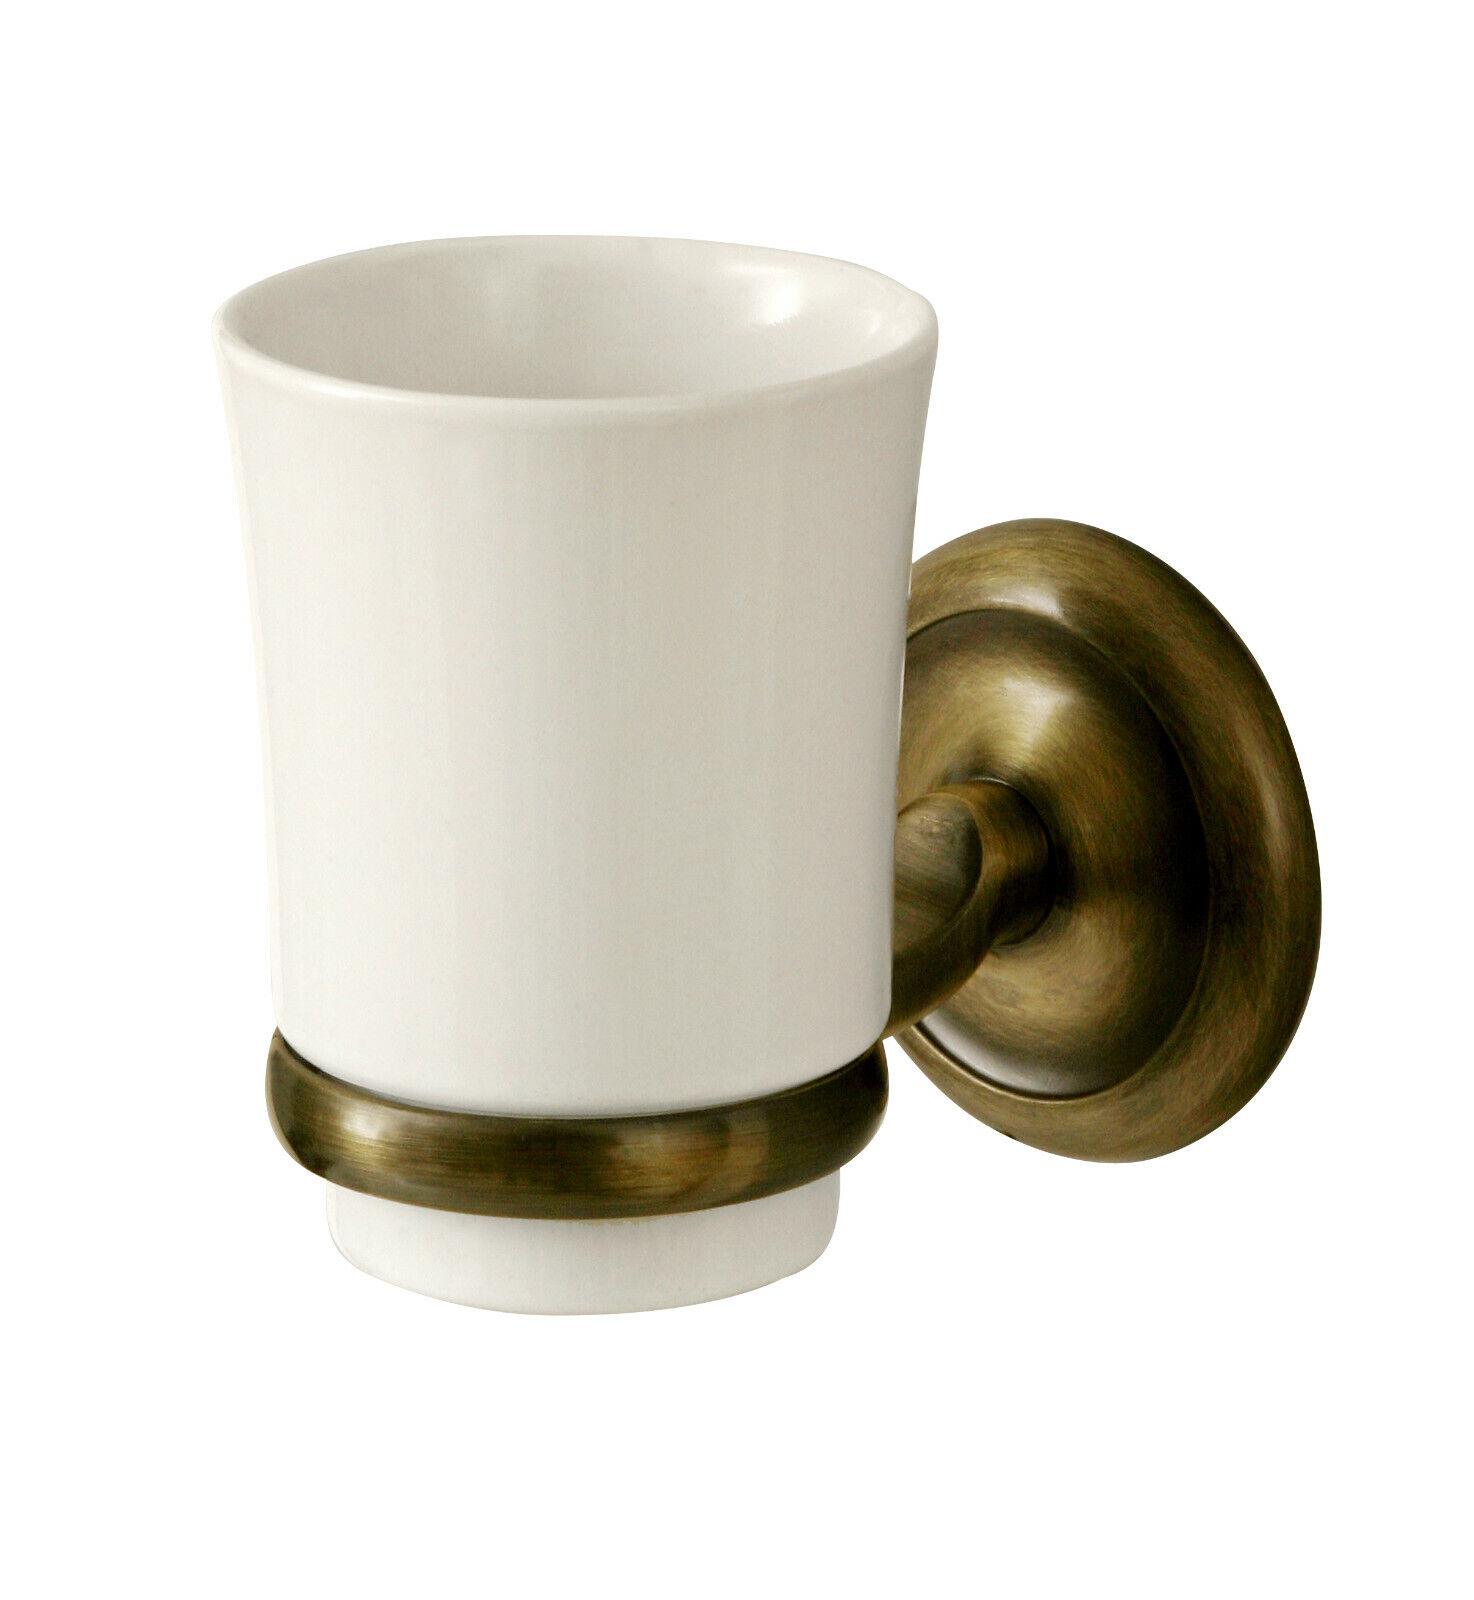 APROVIO Zahnputzbecher mit Halter, Zahnbürstenhalter| Keramik,Messing-Antikgold